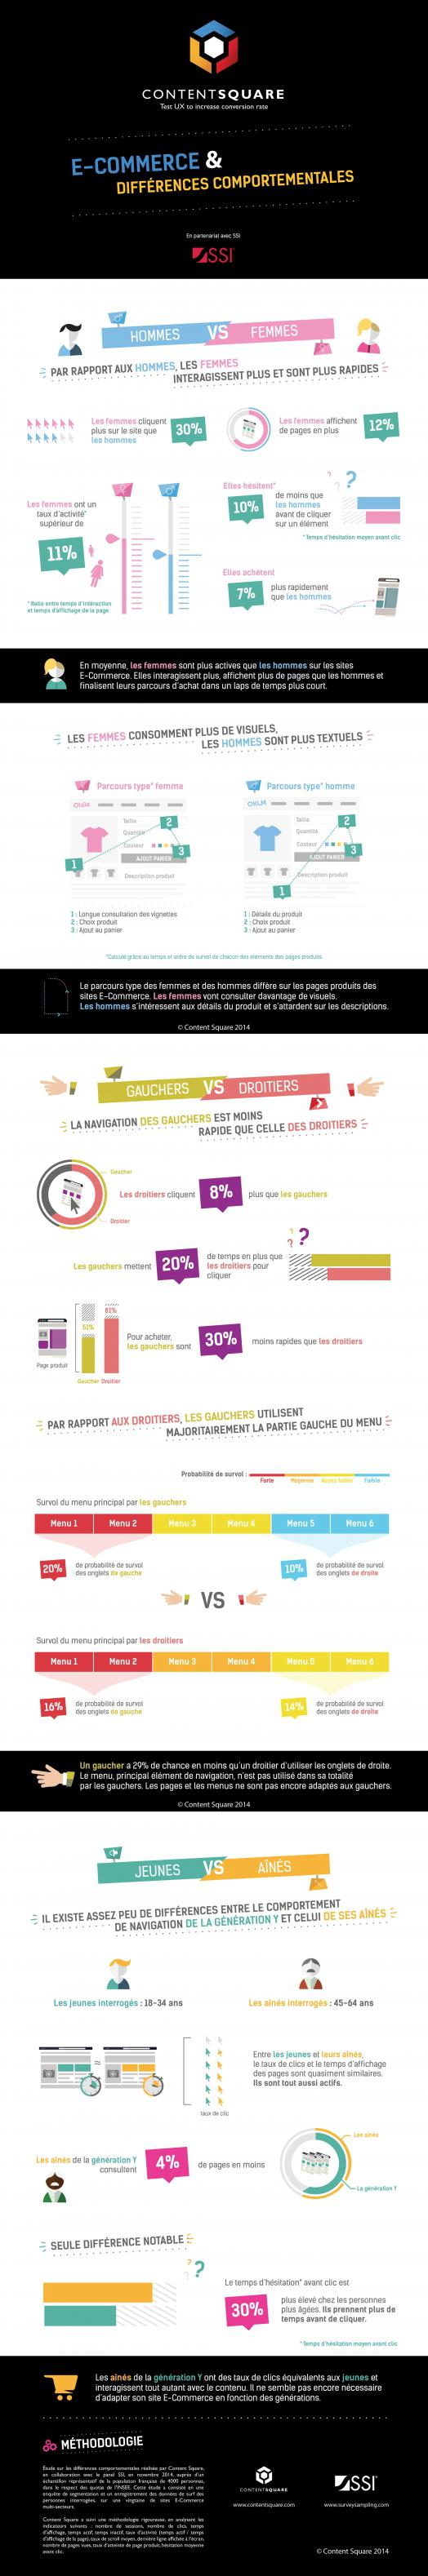 Infographie : e-commerce et différences comportementales.